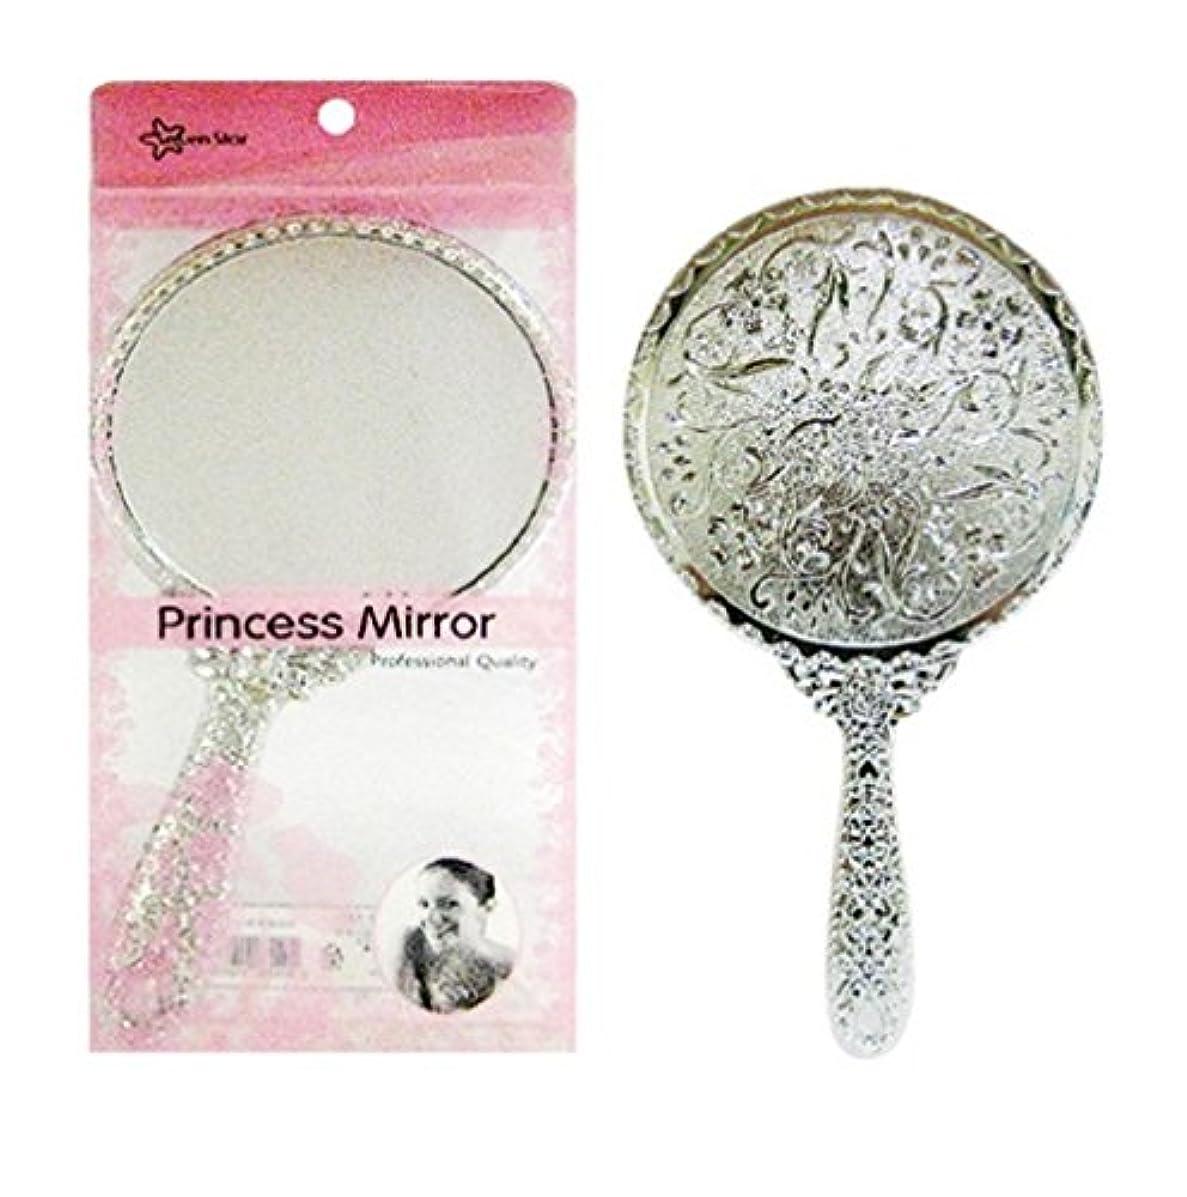 晩ごはん陰気を必要としています送料無料 持ち歩きサイズ 丸型 鏡 キラキラお姫様ミラー メッキハンドミラー シルバー 装飾鏡